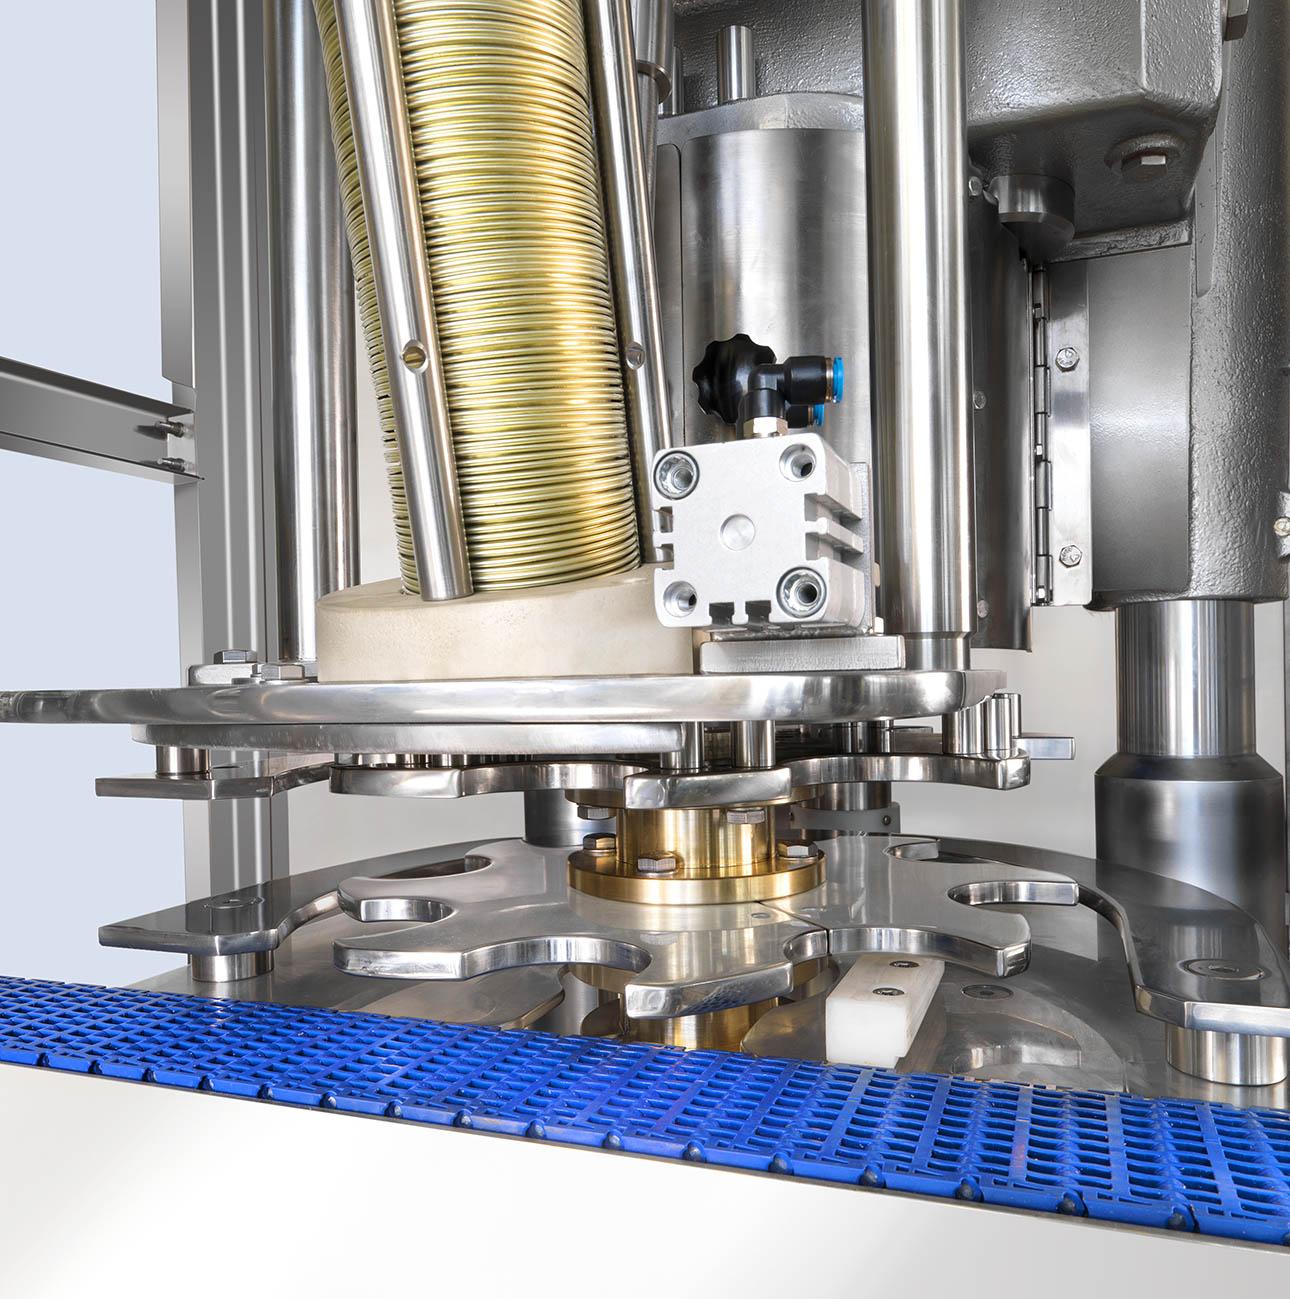 k40 aggraffatrice bonicomm visuale frontale stelle macchina industriale economica